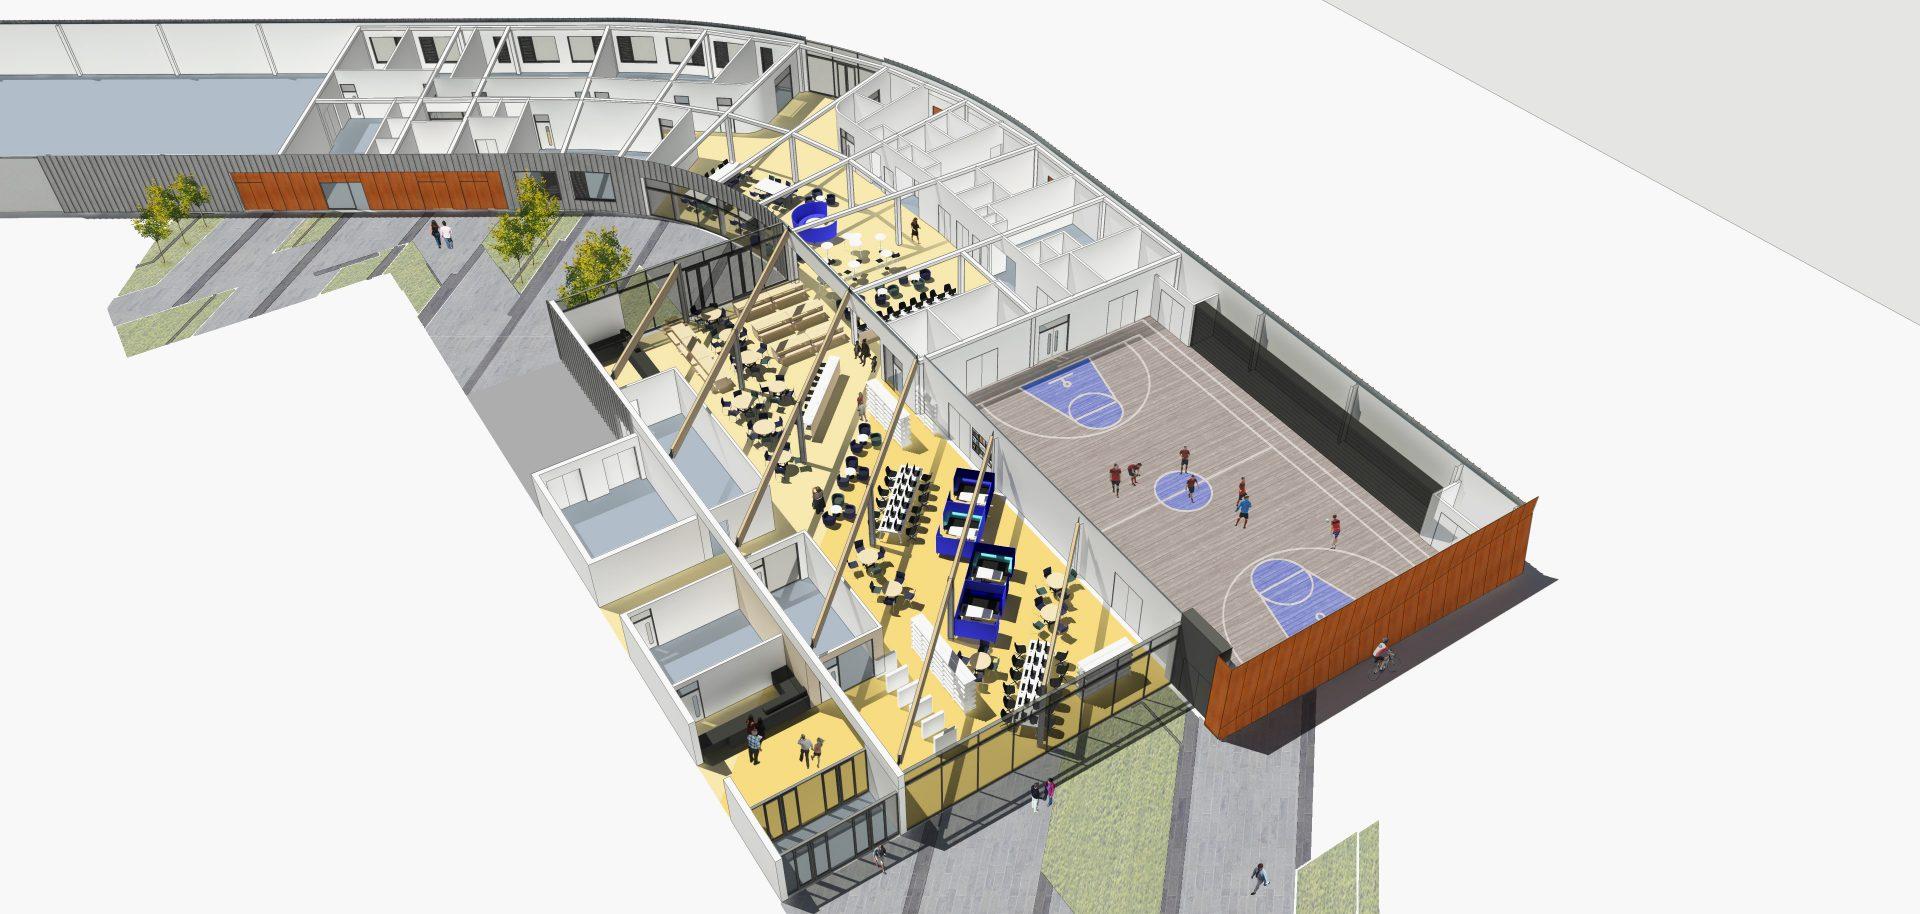 Berkeley UTC Axo Sports Hall Cyber Cafe